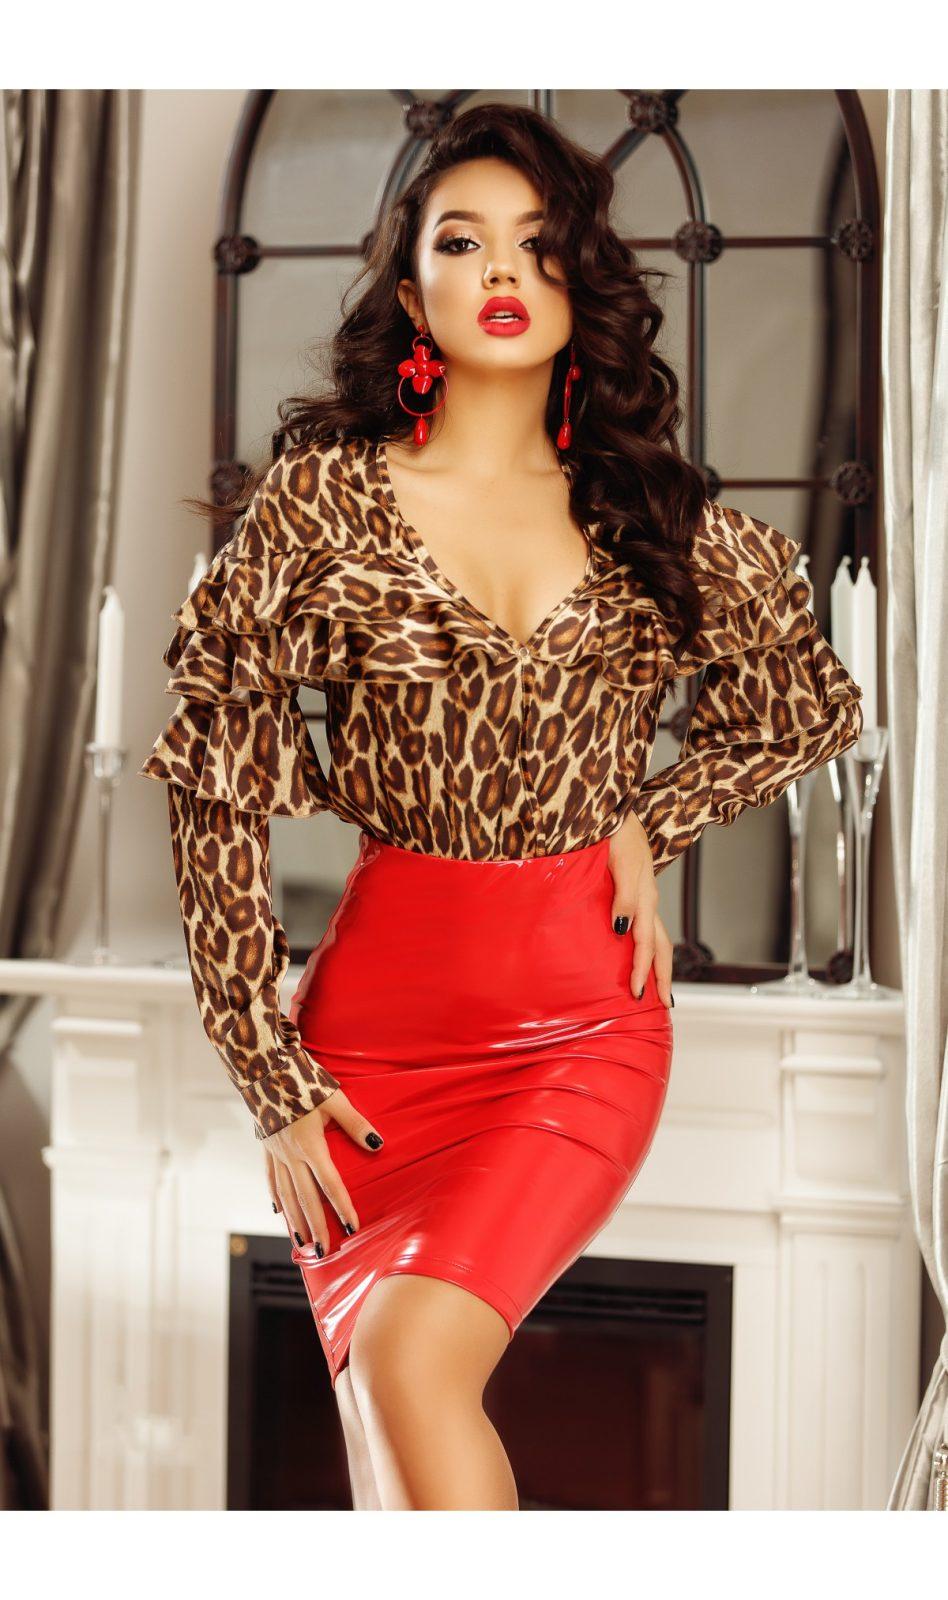 compleu-elegant-cu-imprimeu-leopard-si-fusta-rosie